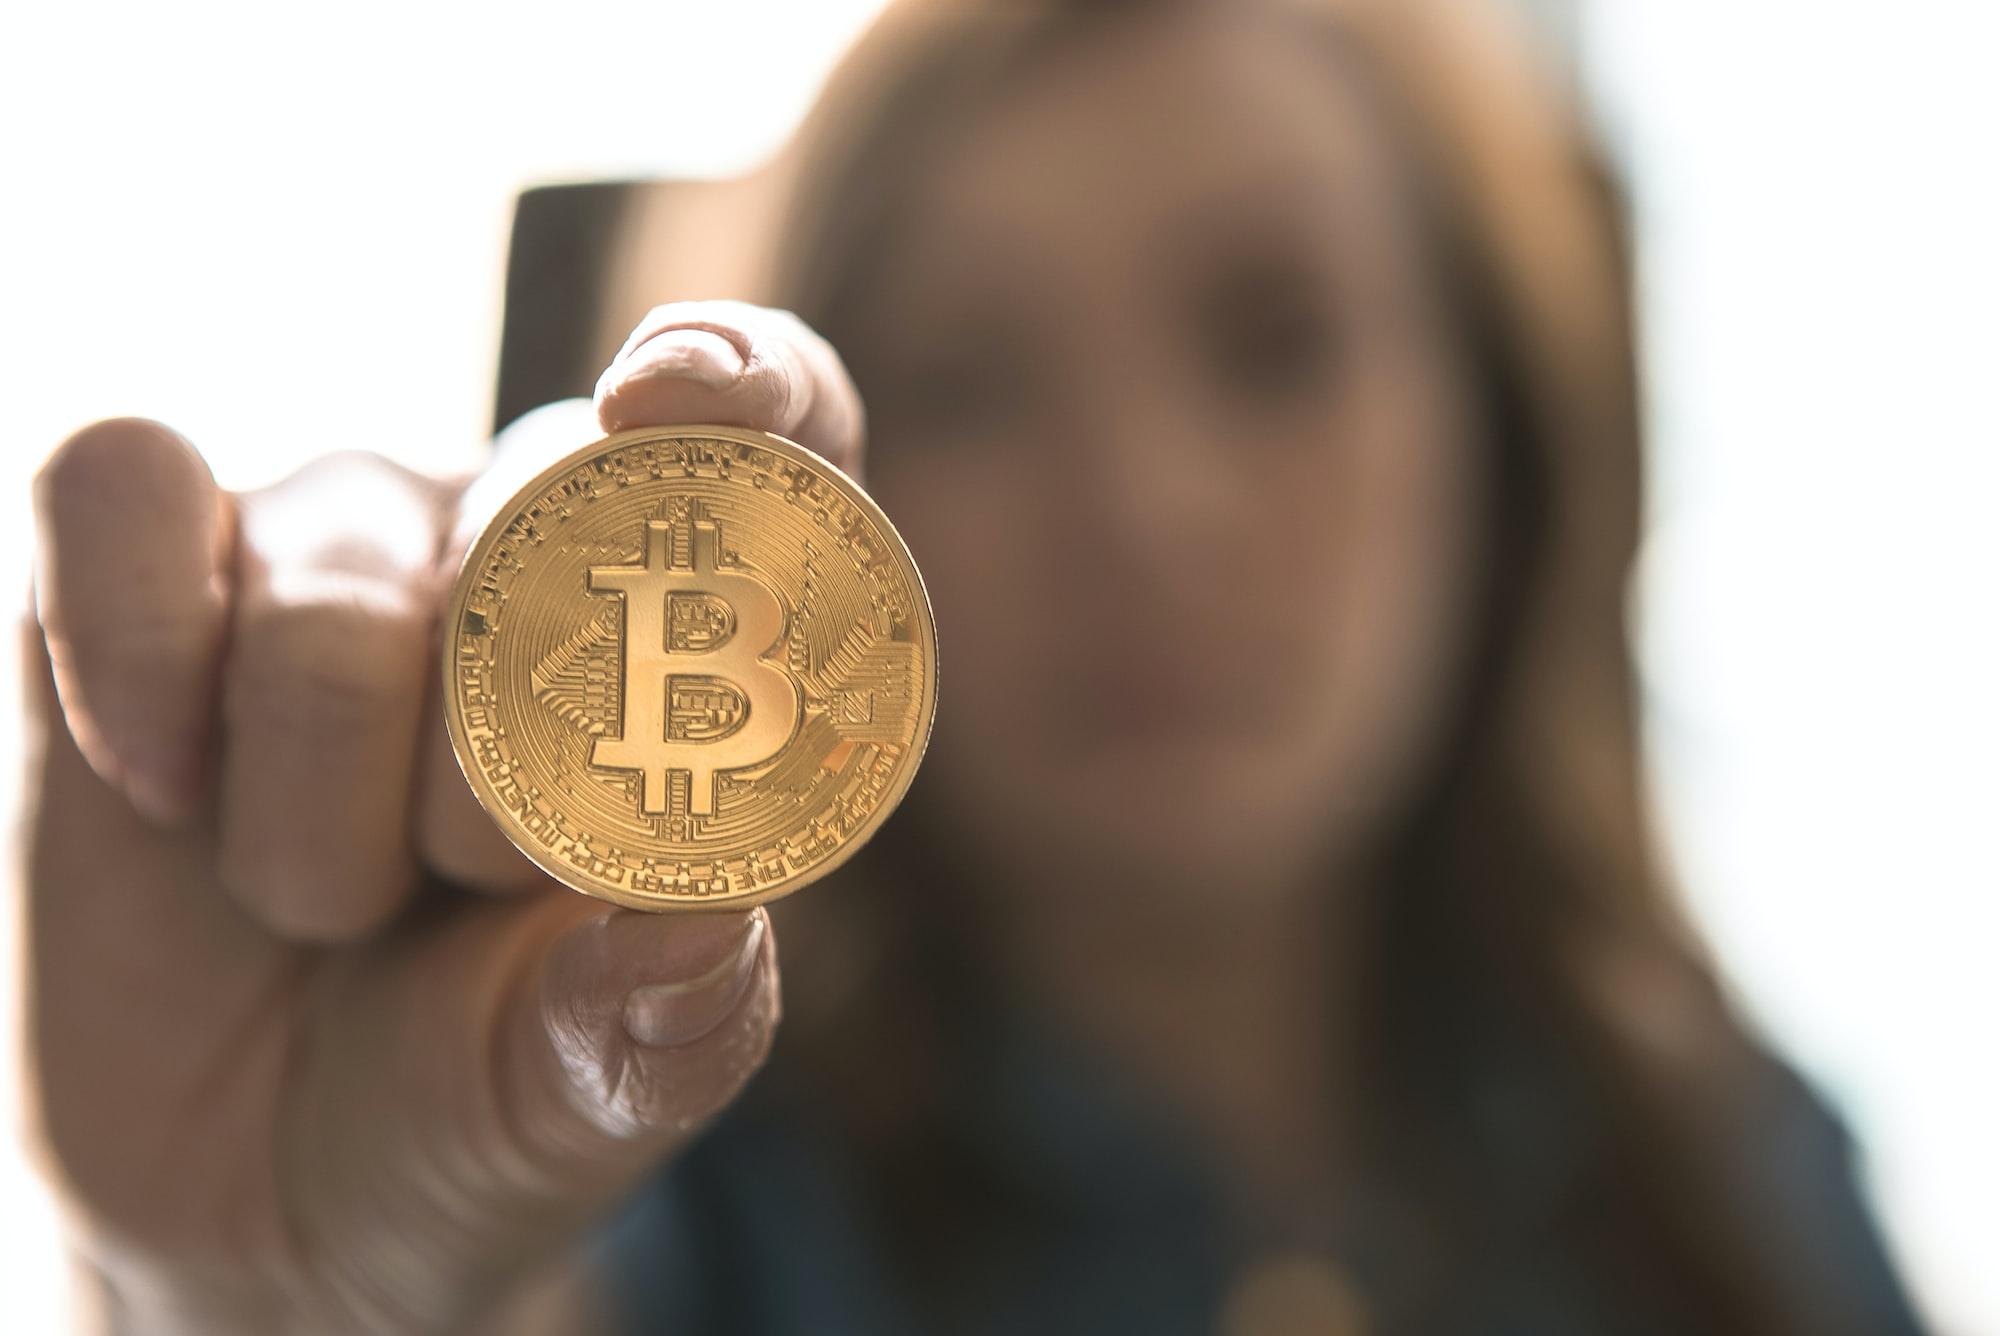 Kryptovalutan Bitcoin och dess påverkan på klimatet